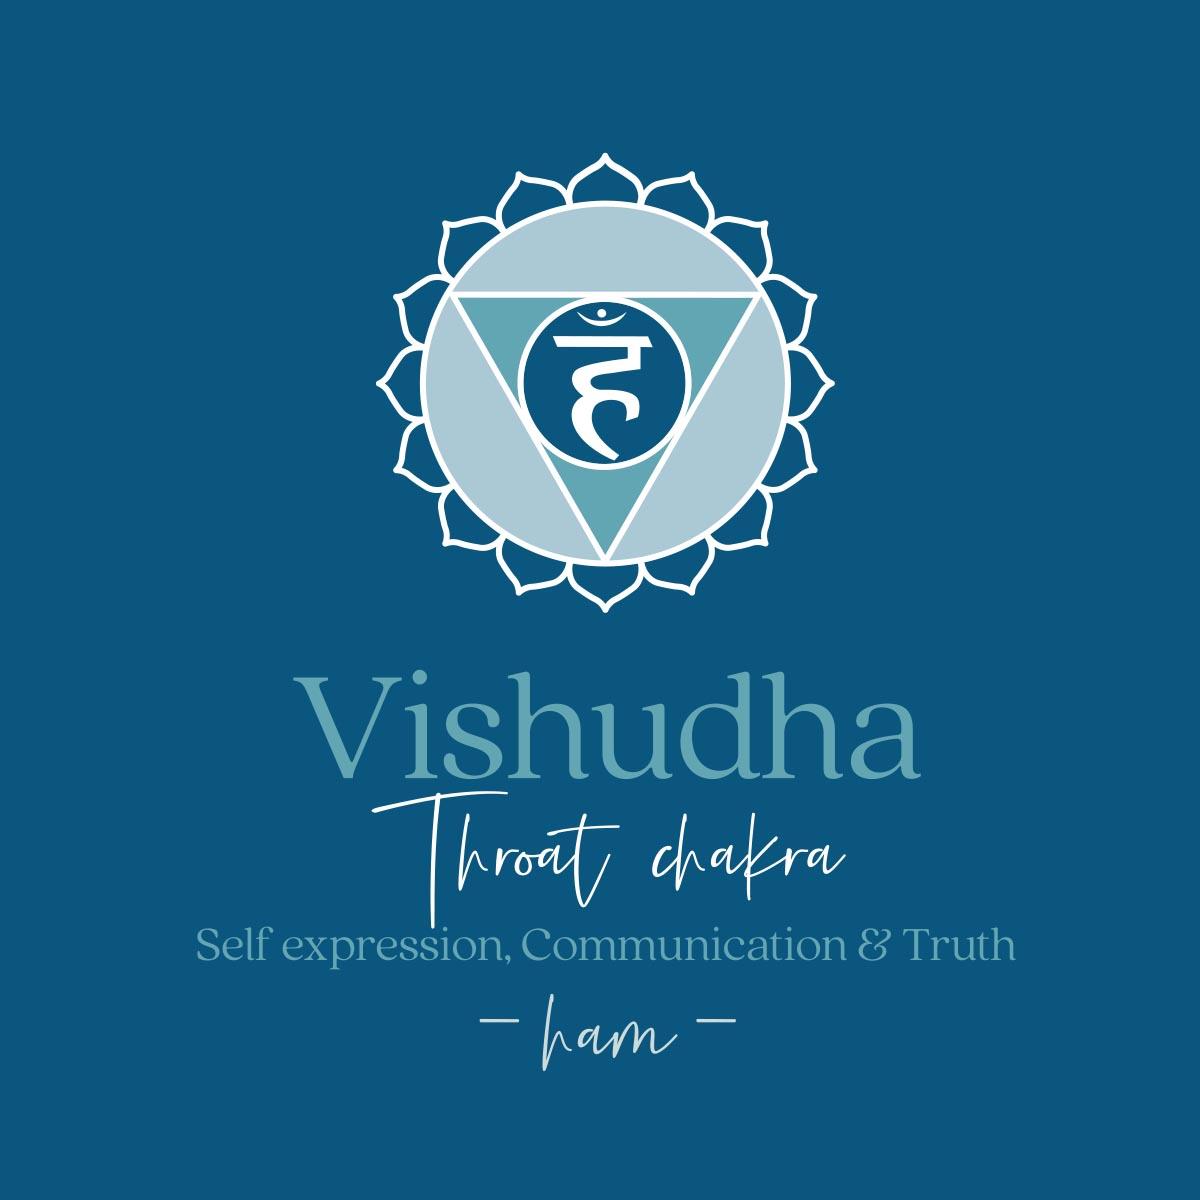 Vishudha symbol